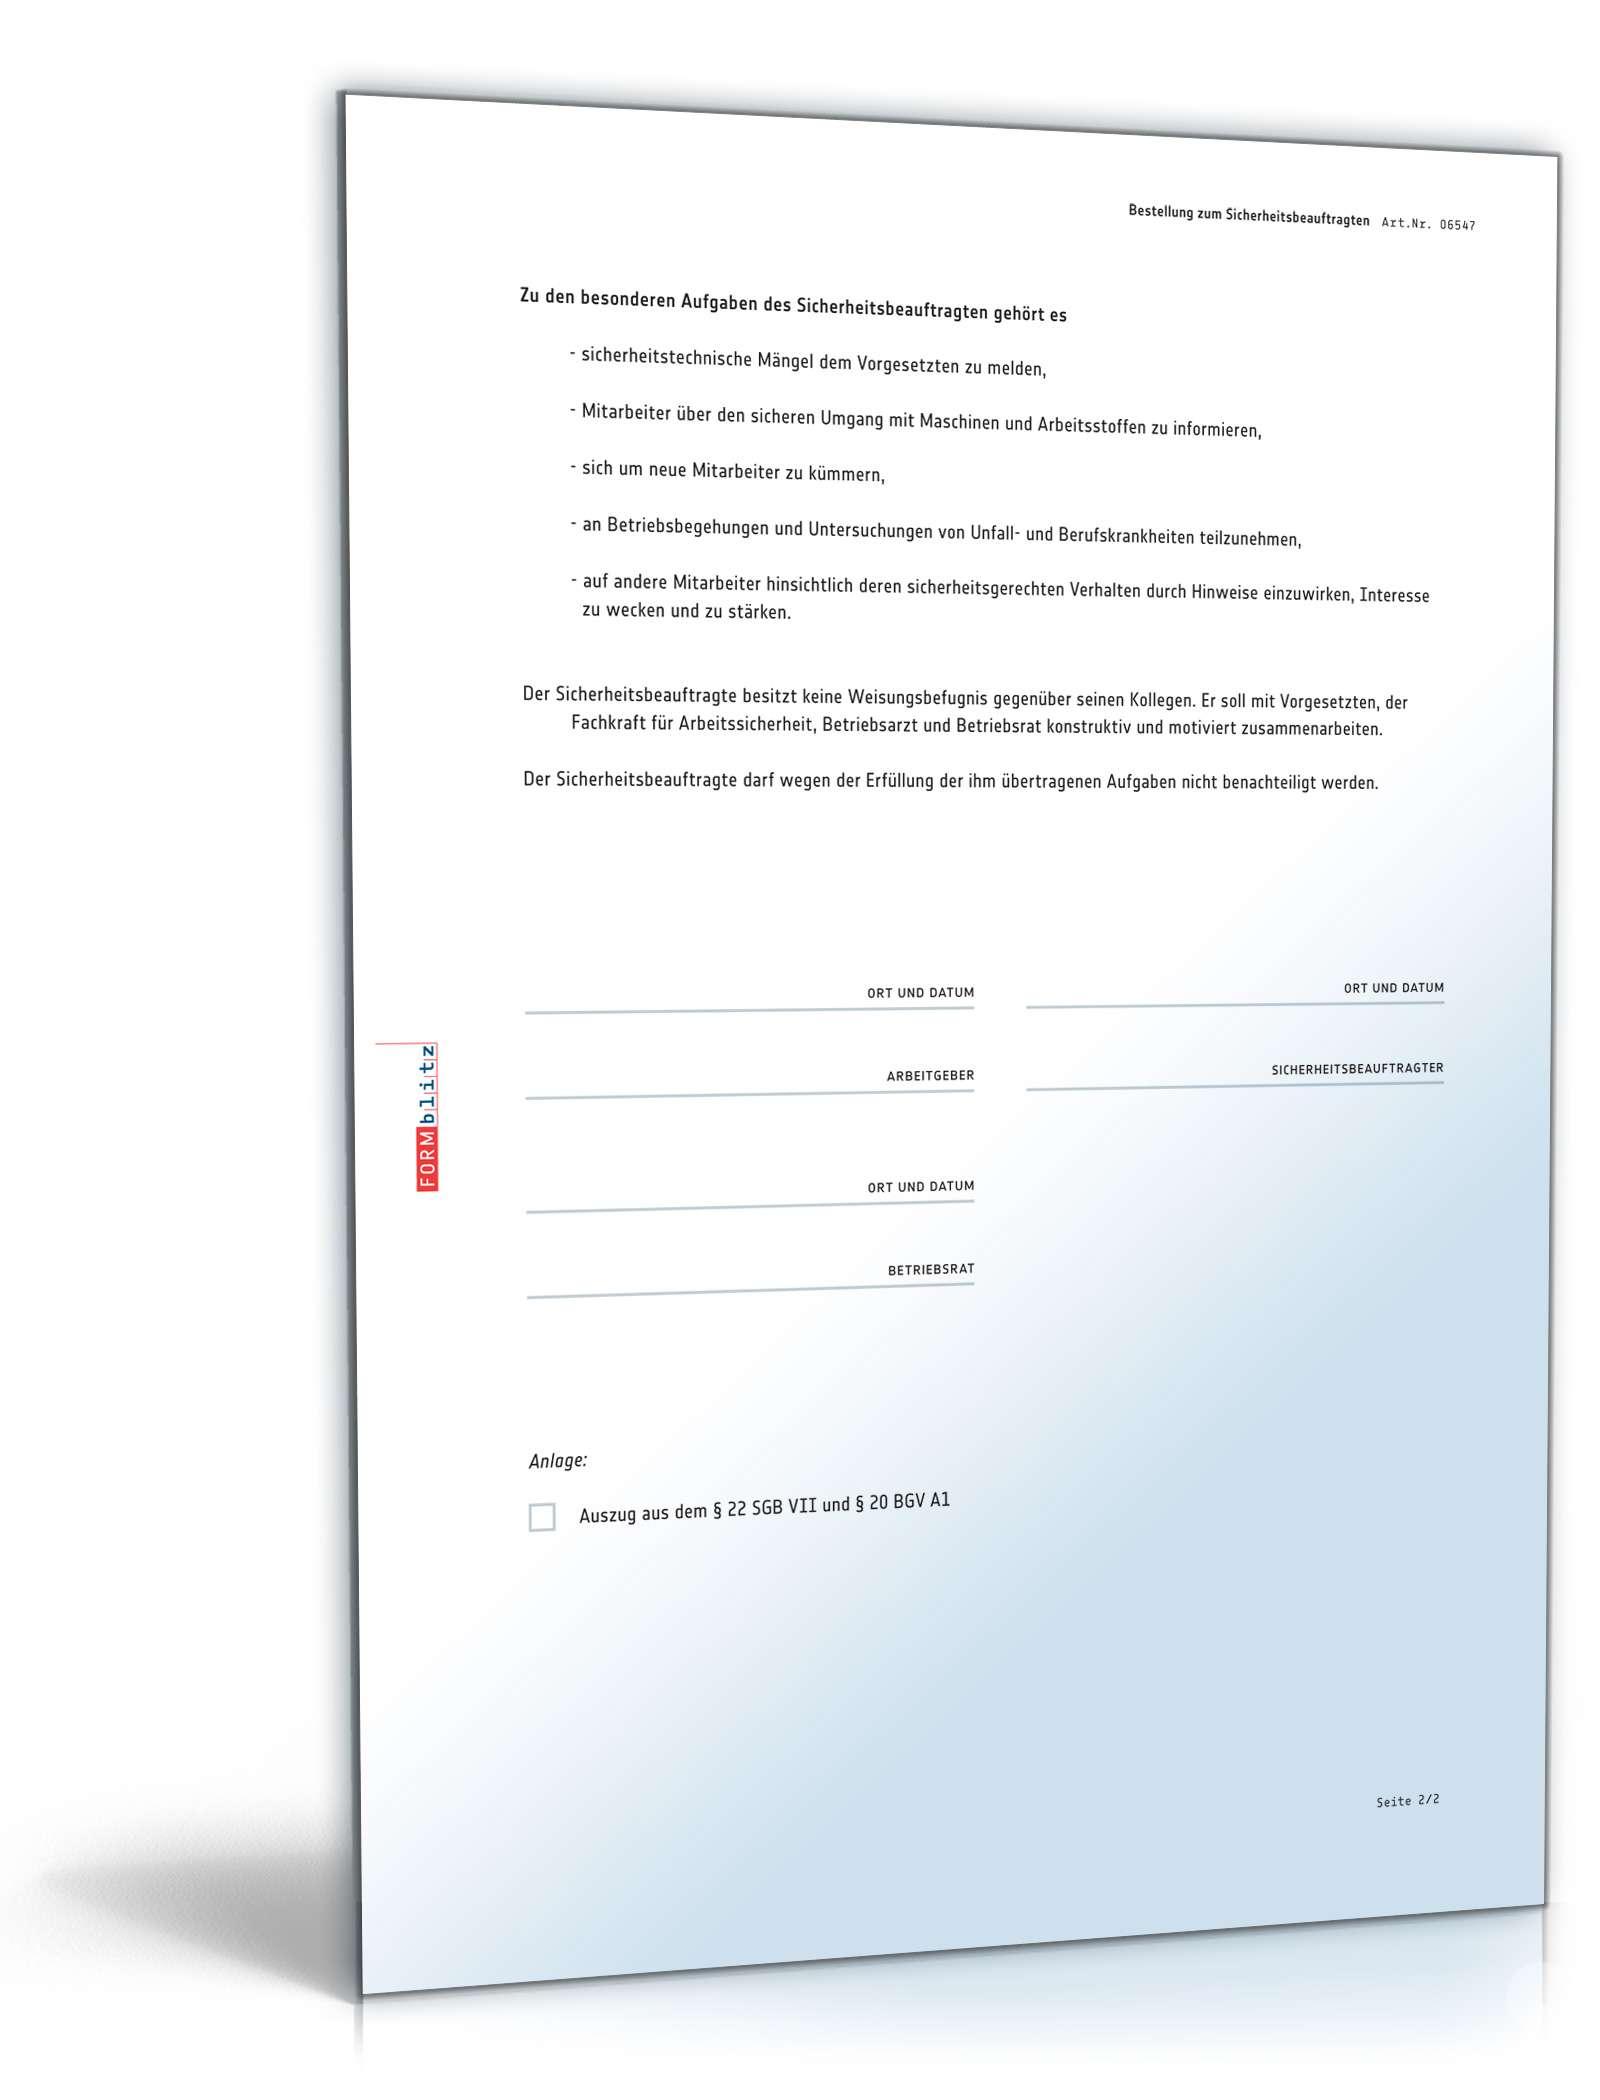 Ausgezeichnet Bestellformular Vorlage Microsoft Bilder - Entry Level ...